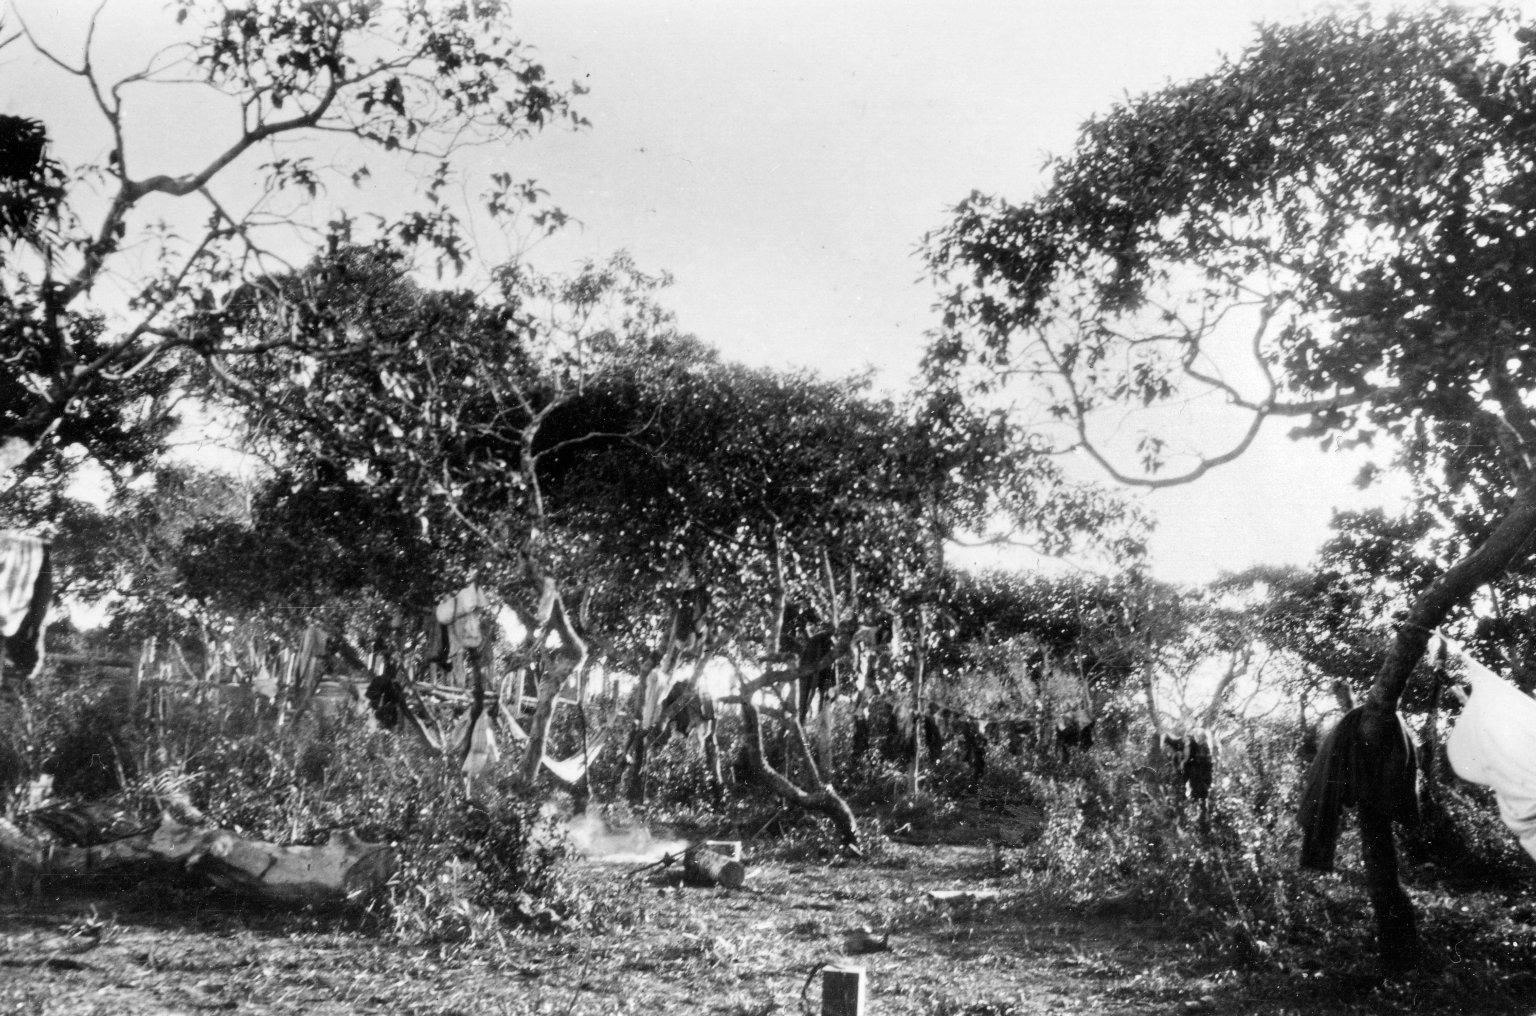 Museum camp scene, Descalvados (Ranch).